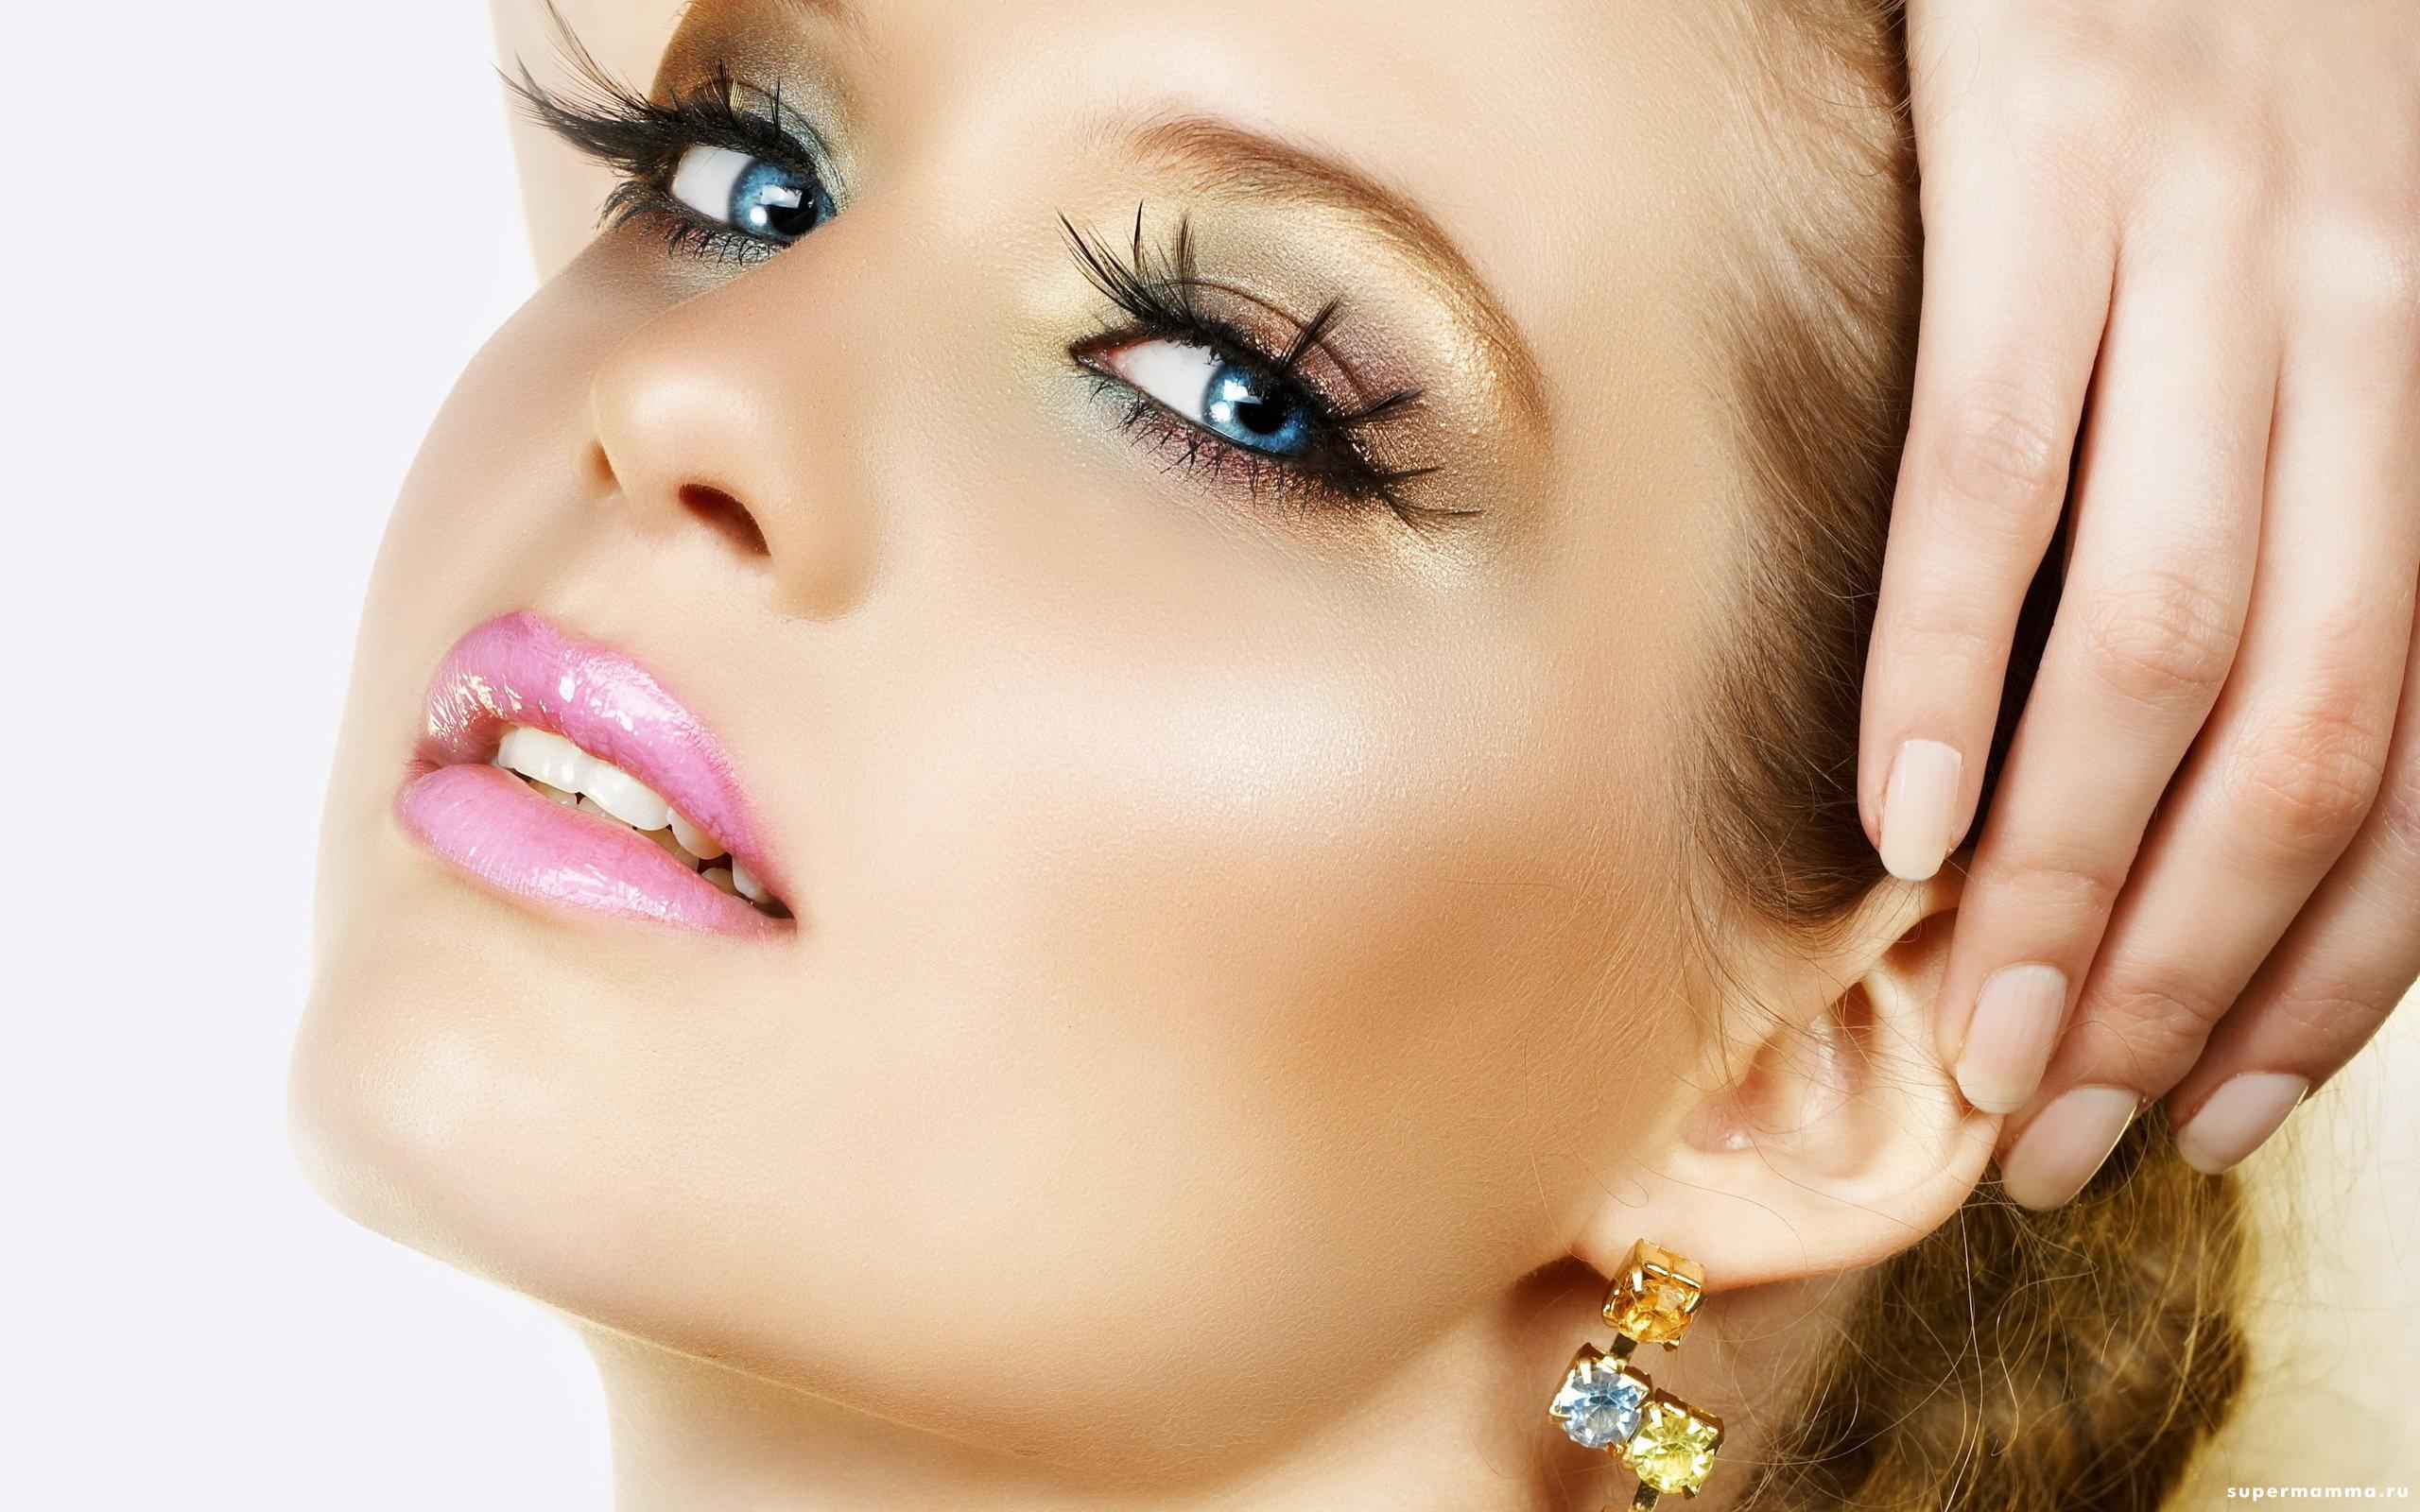 Эффект накладных ресниц (42 фото): простые секреты, как сделать свои глаза еще красивее